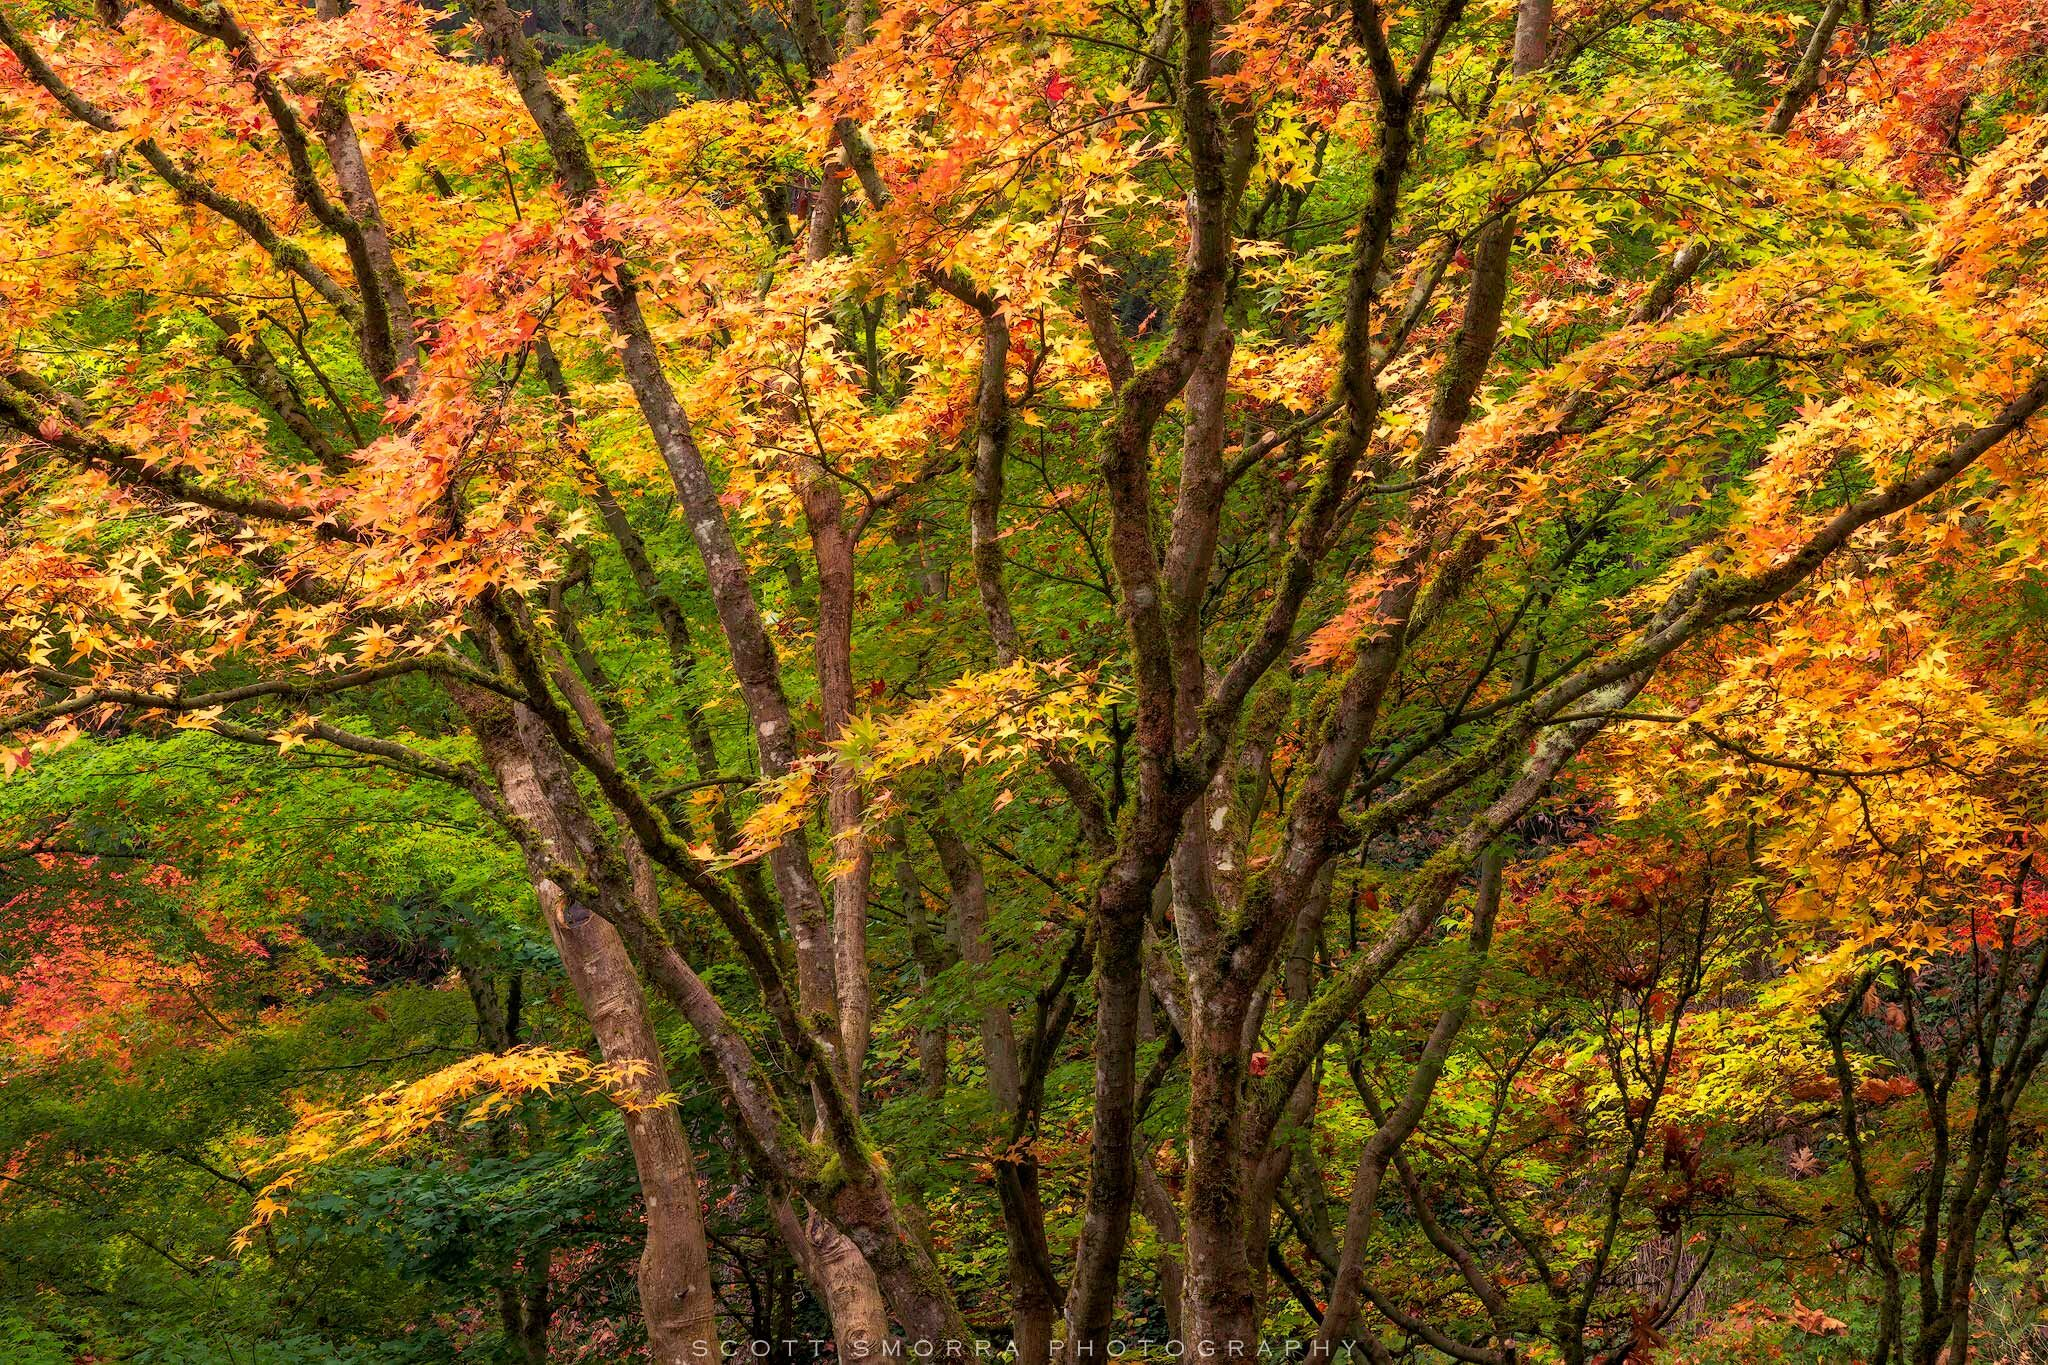 Portland, Japanese, Garden, Fall, Autumn, Tree, Maple, photo